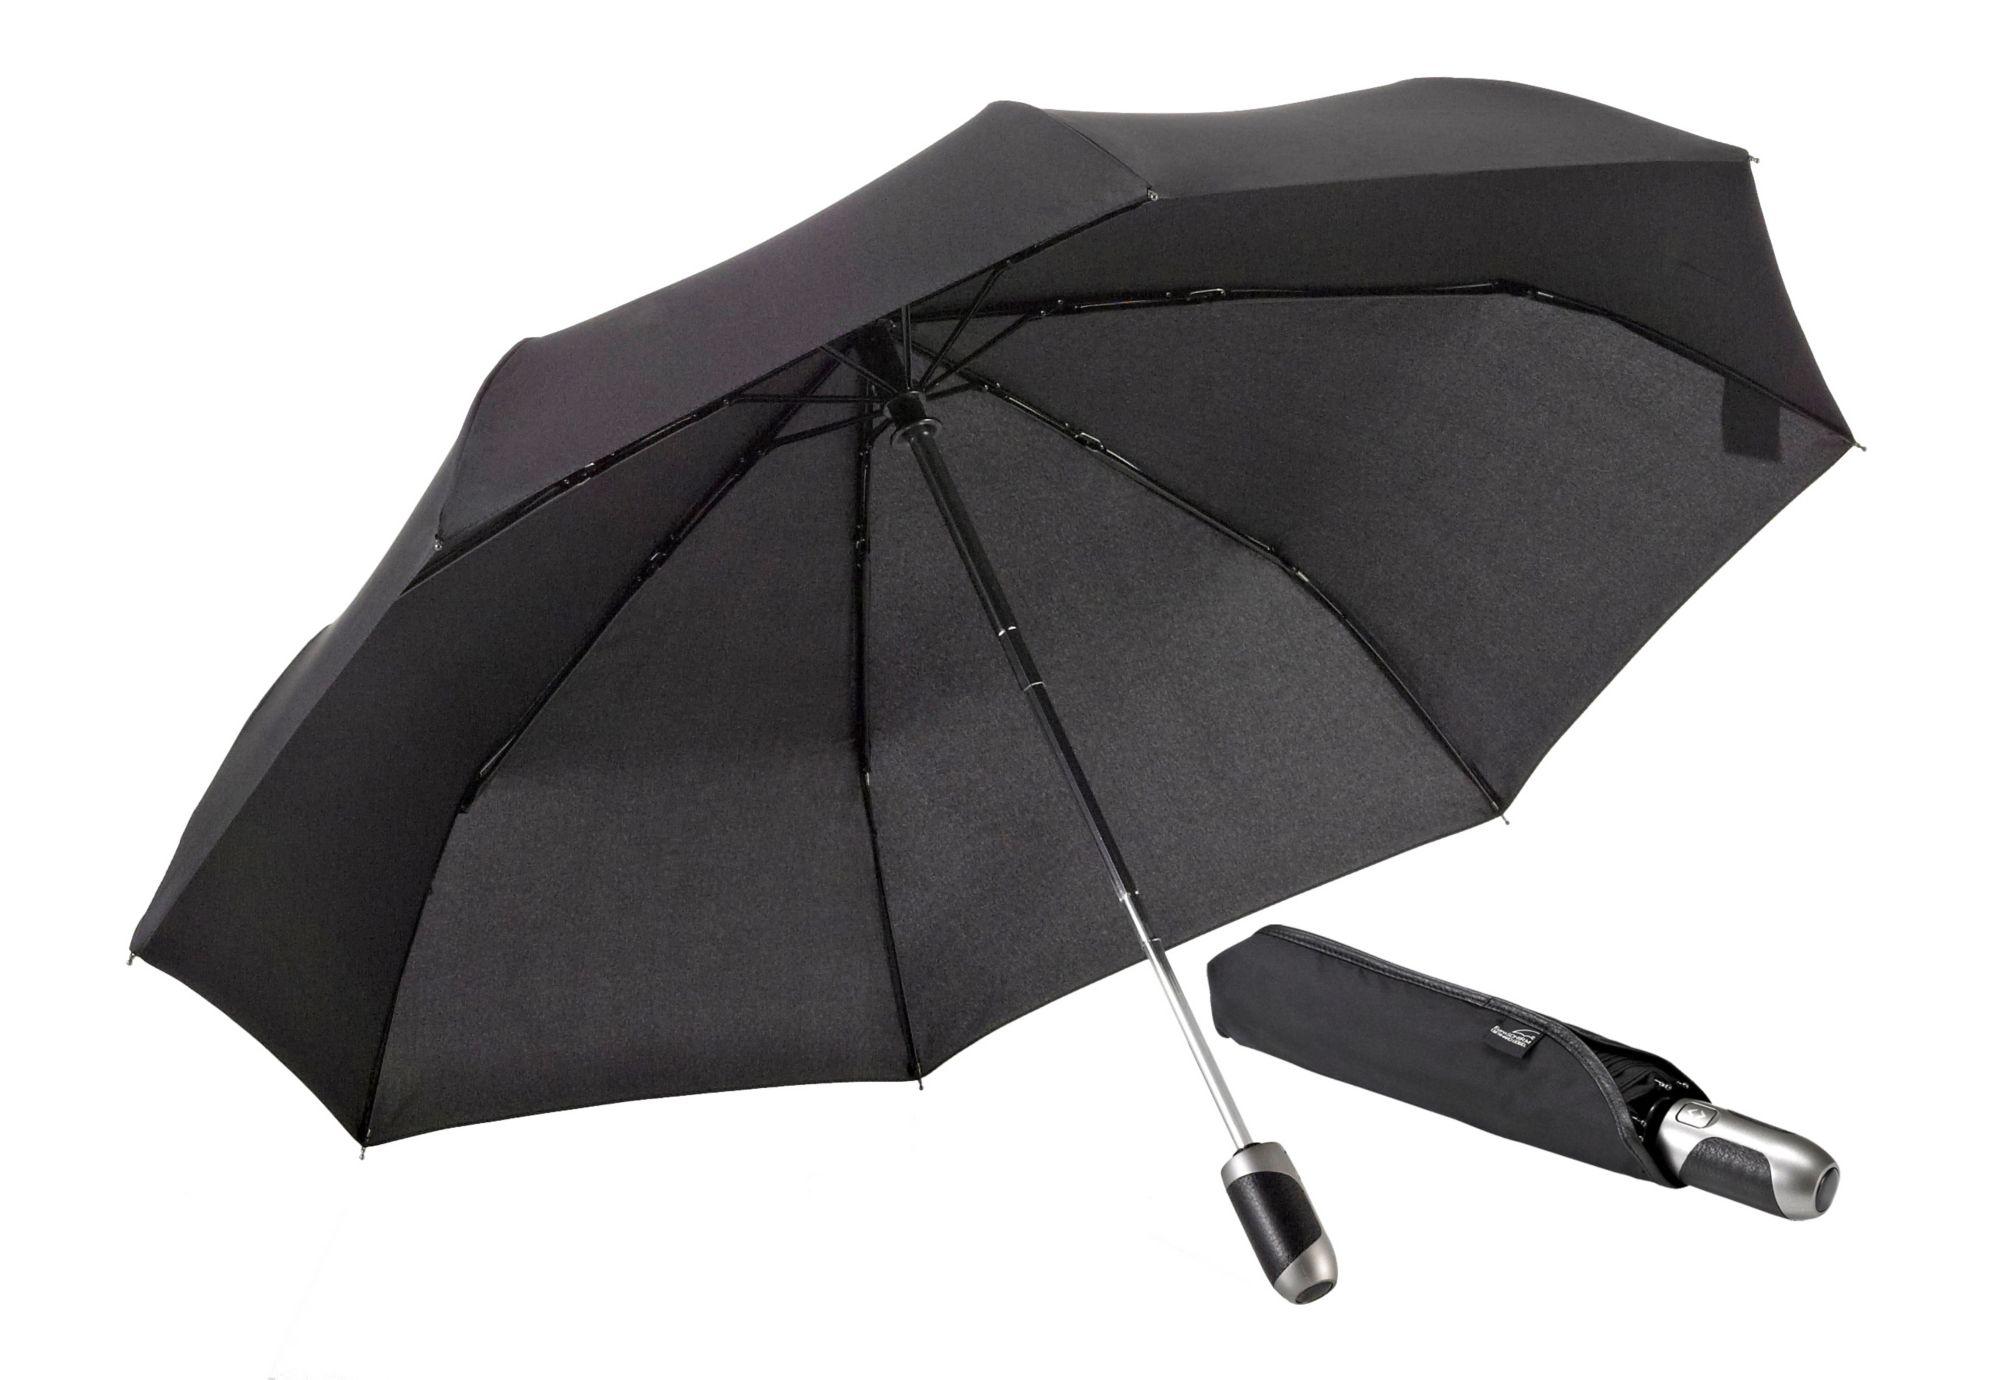 EUROSCHIRM® Euroschirm® Regenschirm mit Elchleder, »One For All - Elchleder-Taschenschirm«